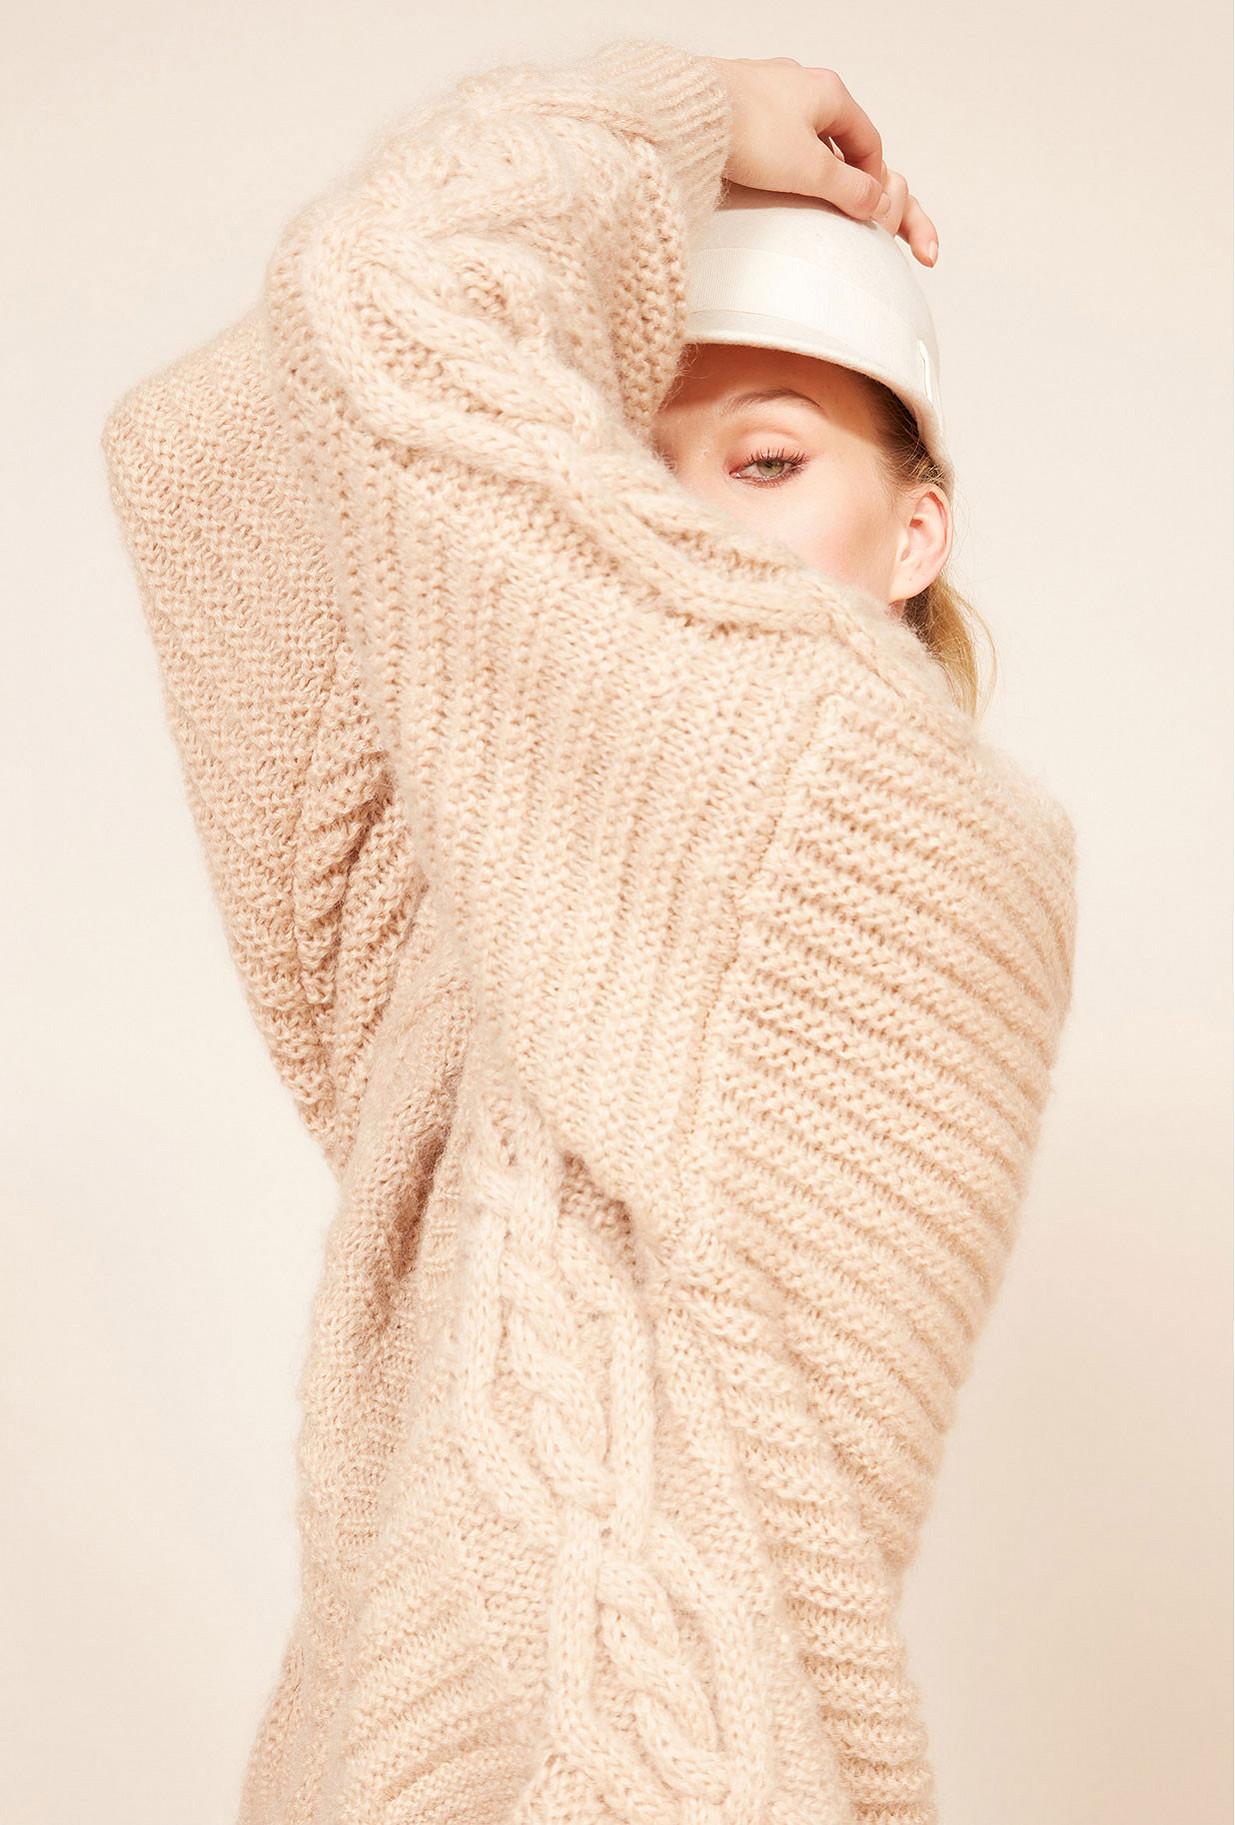 Paris clothes store Cardigan  Coaz french designer fashion Paris